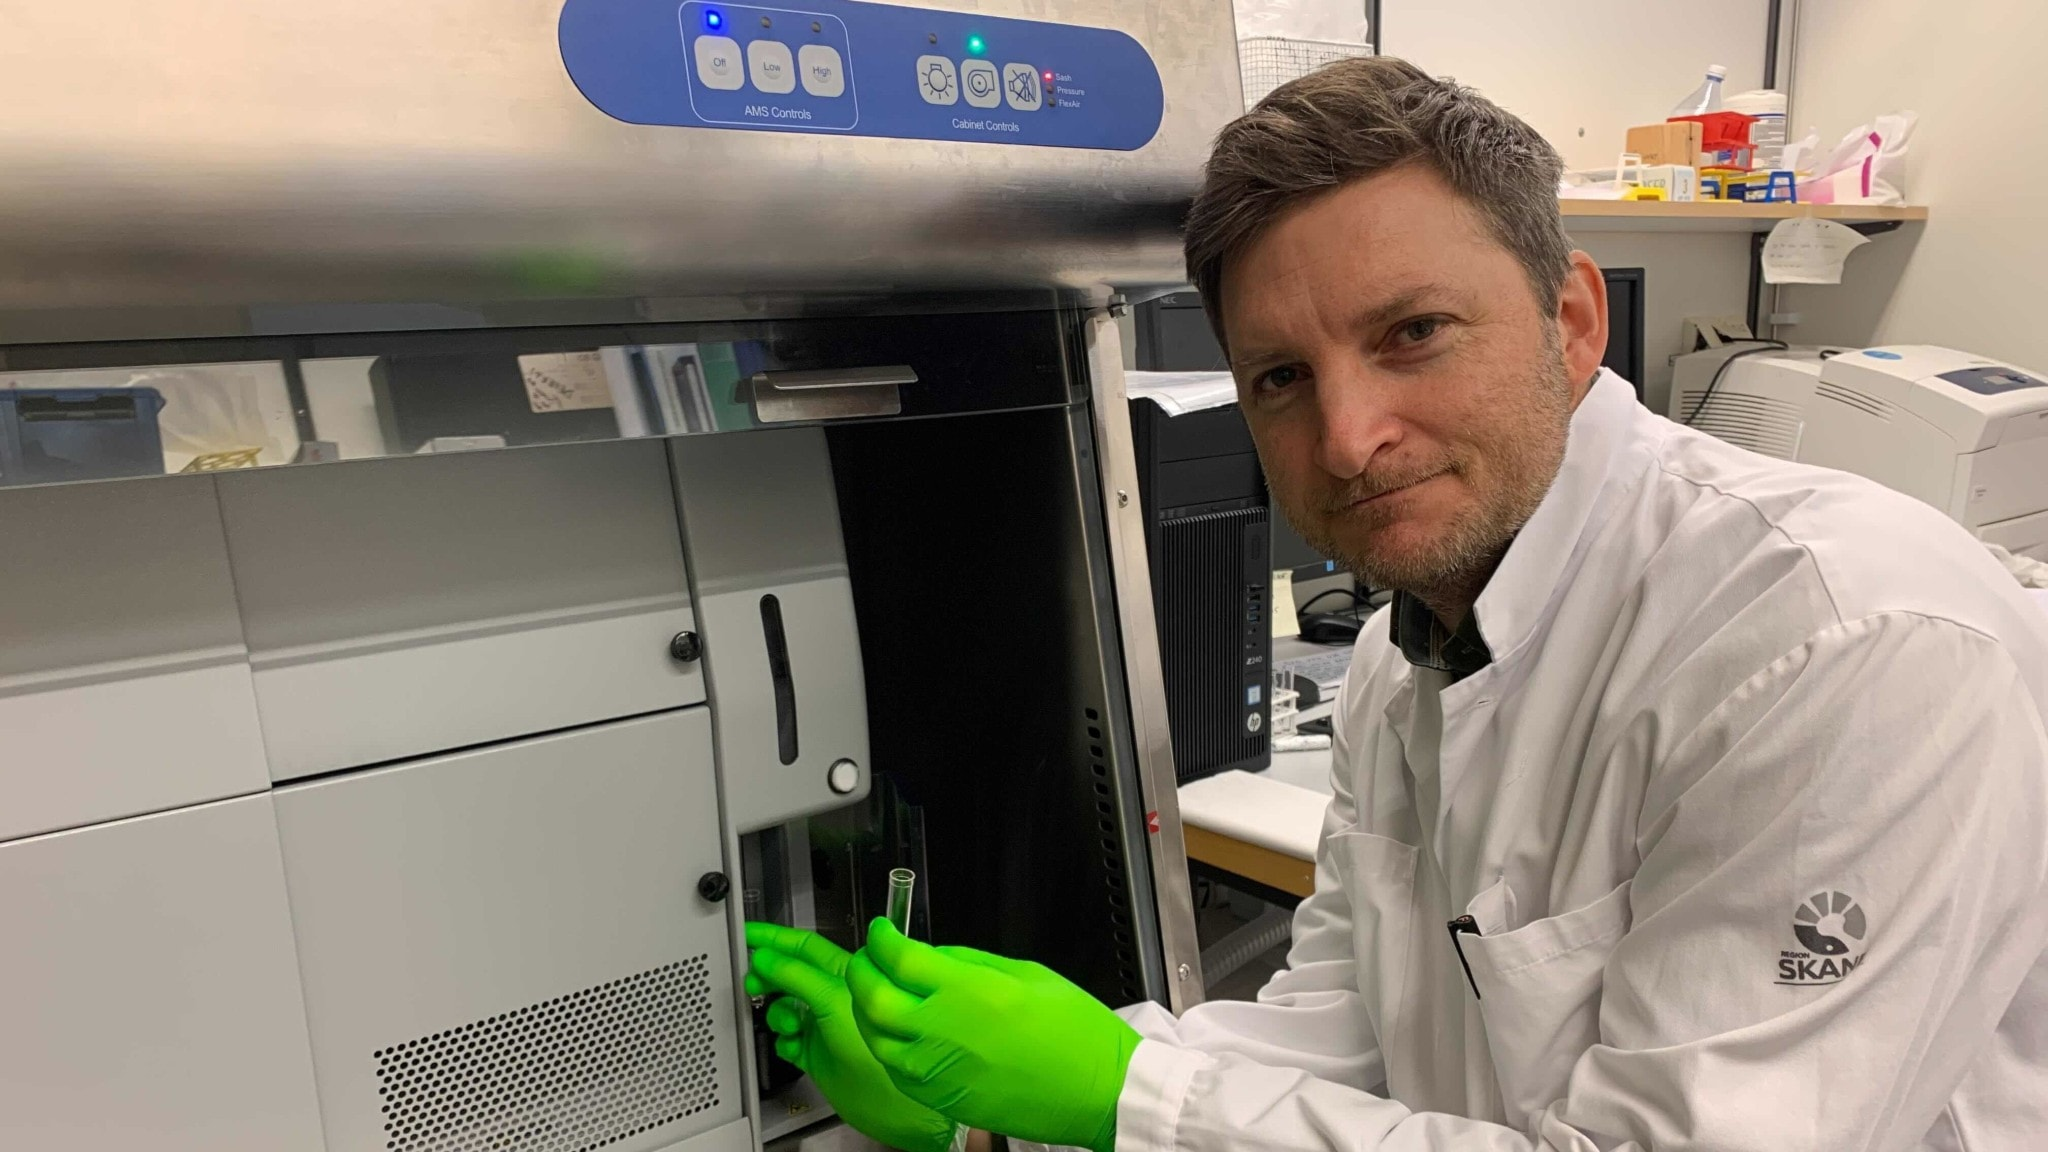 Nobelprisad genkniv som forskarna gärna använder(R)